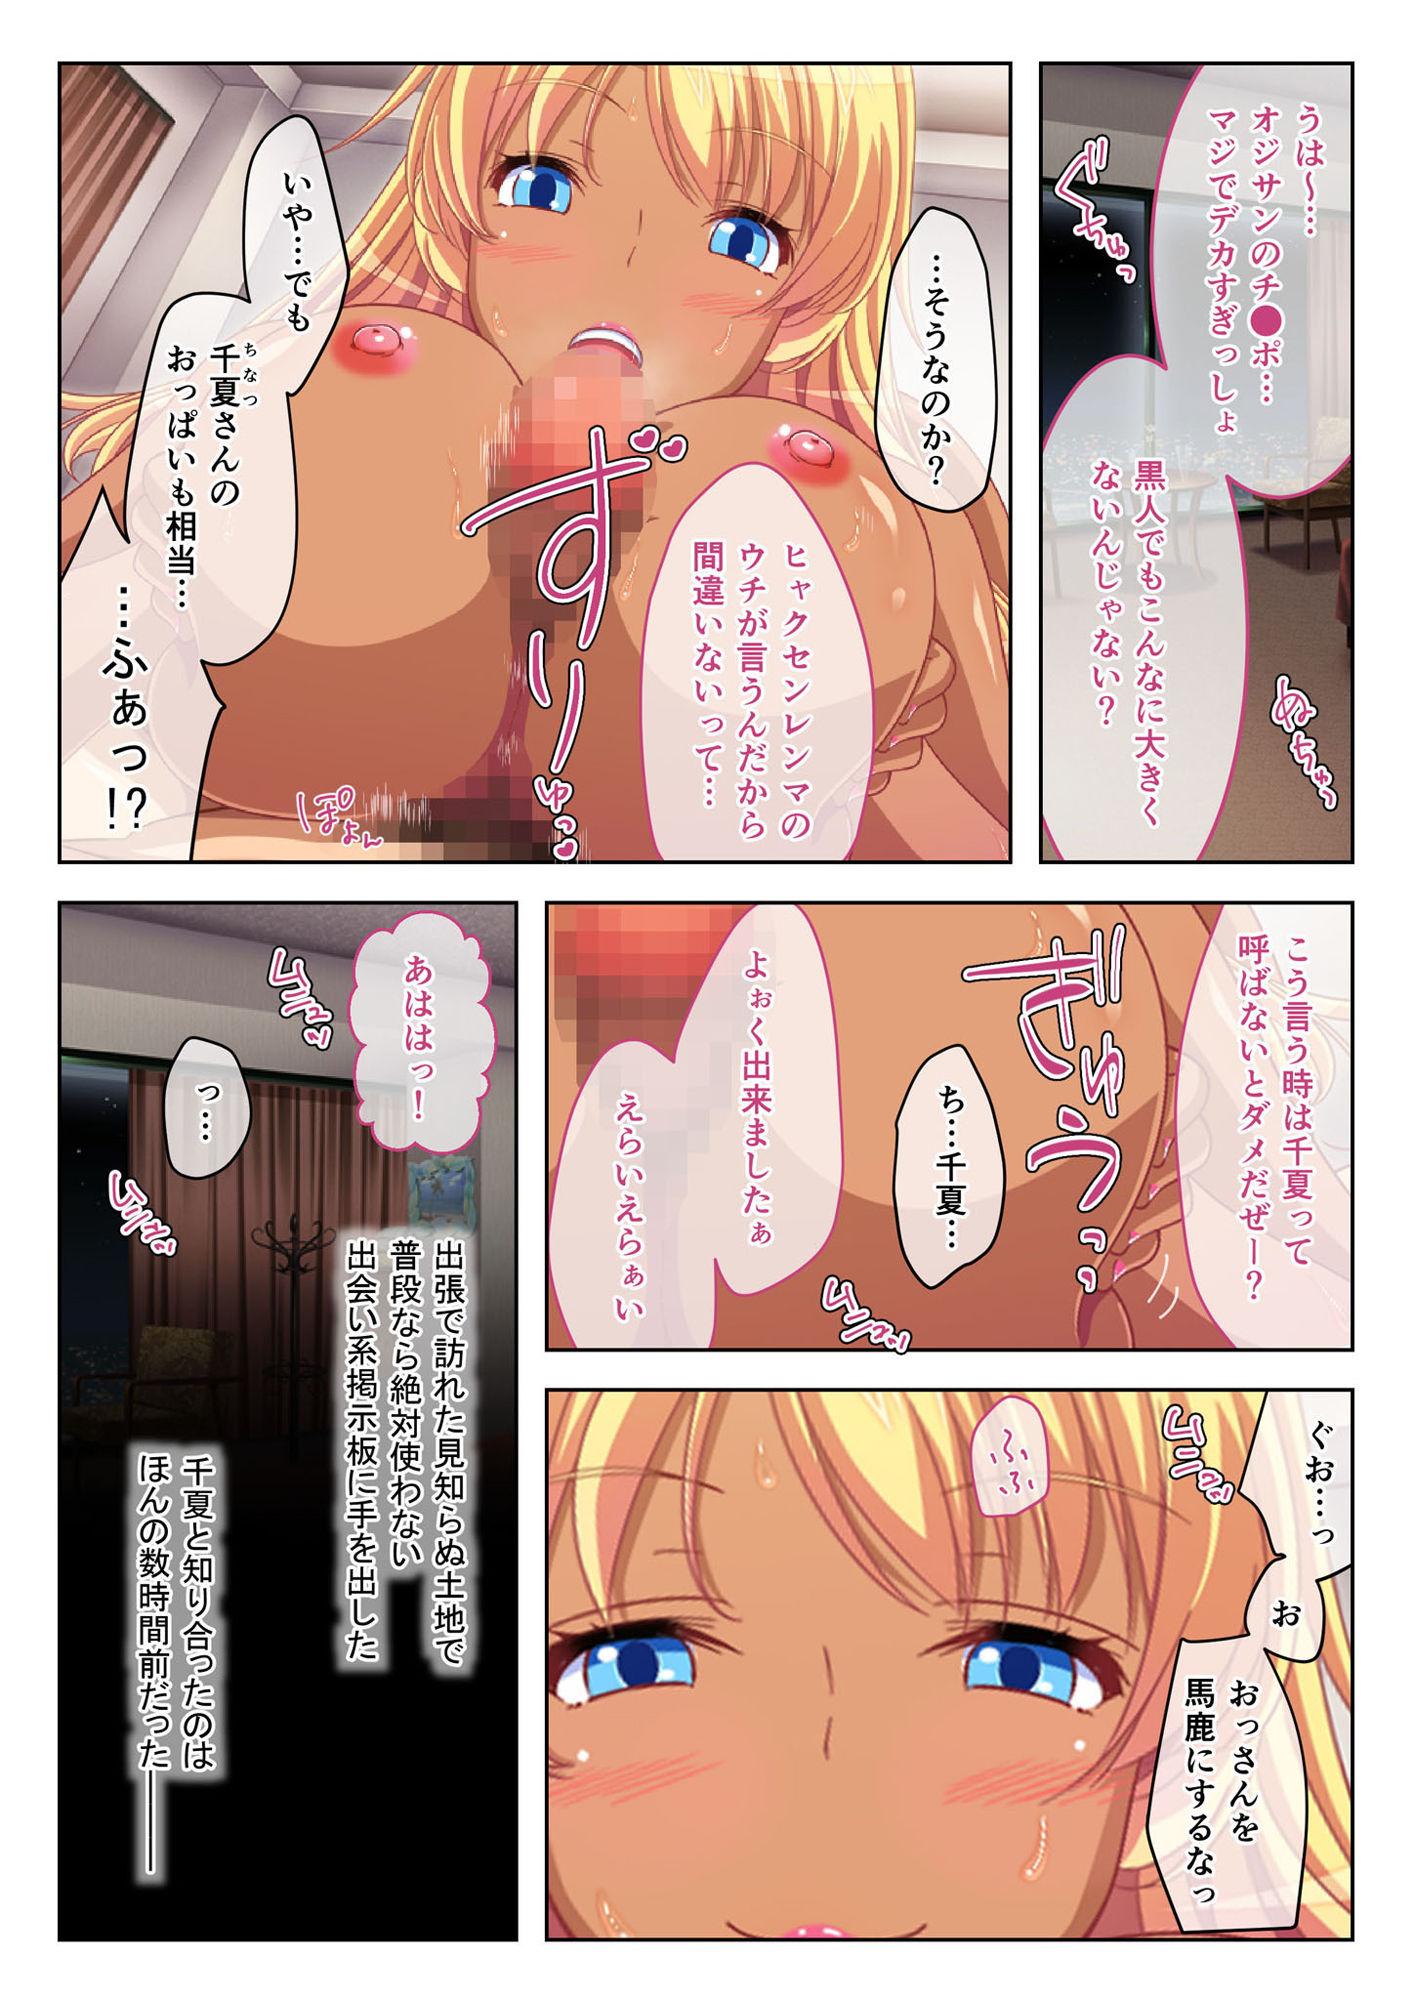 イチャラブ☆セフレ ~出張先で出会った黒ギャルびっち~ モザイクコミック総集編1